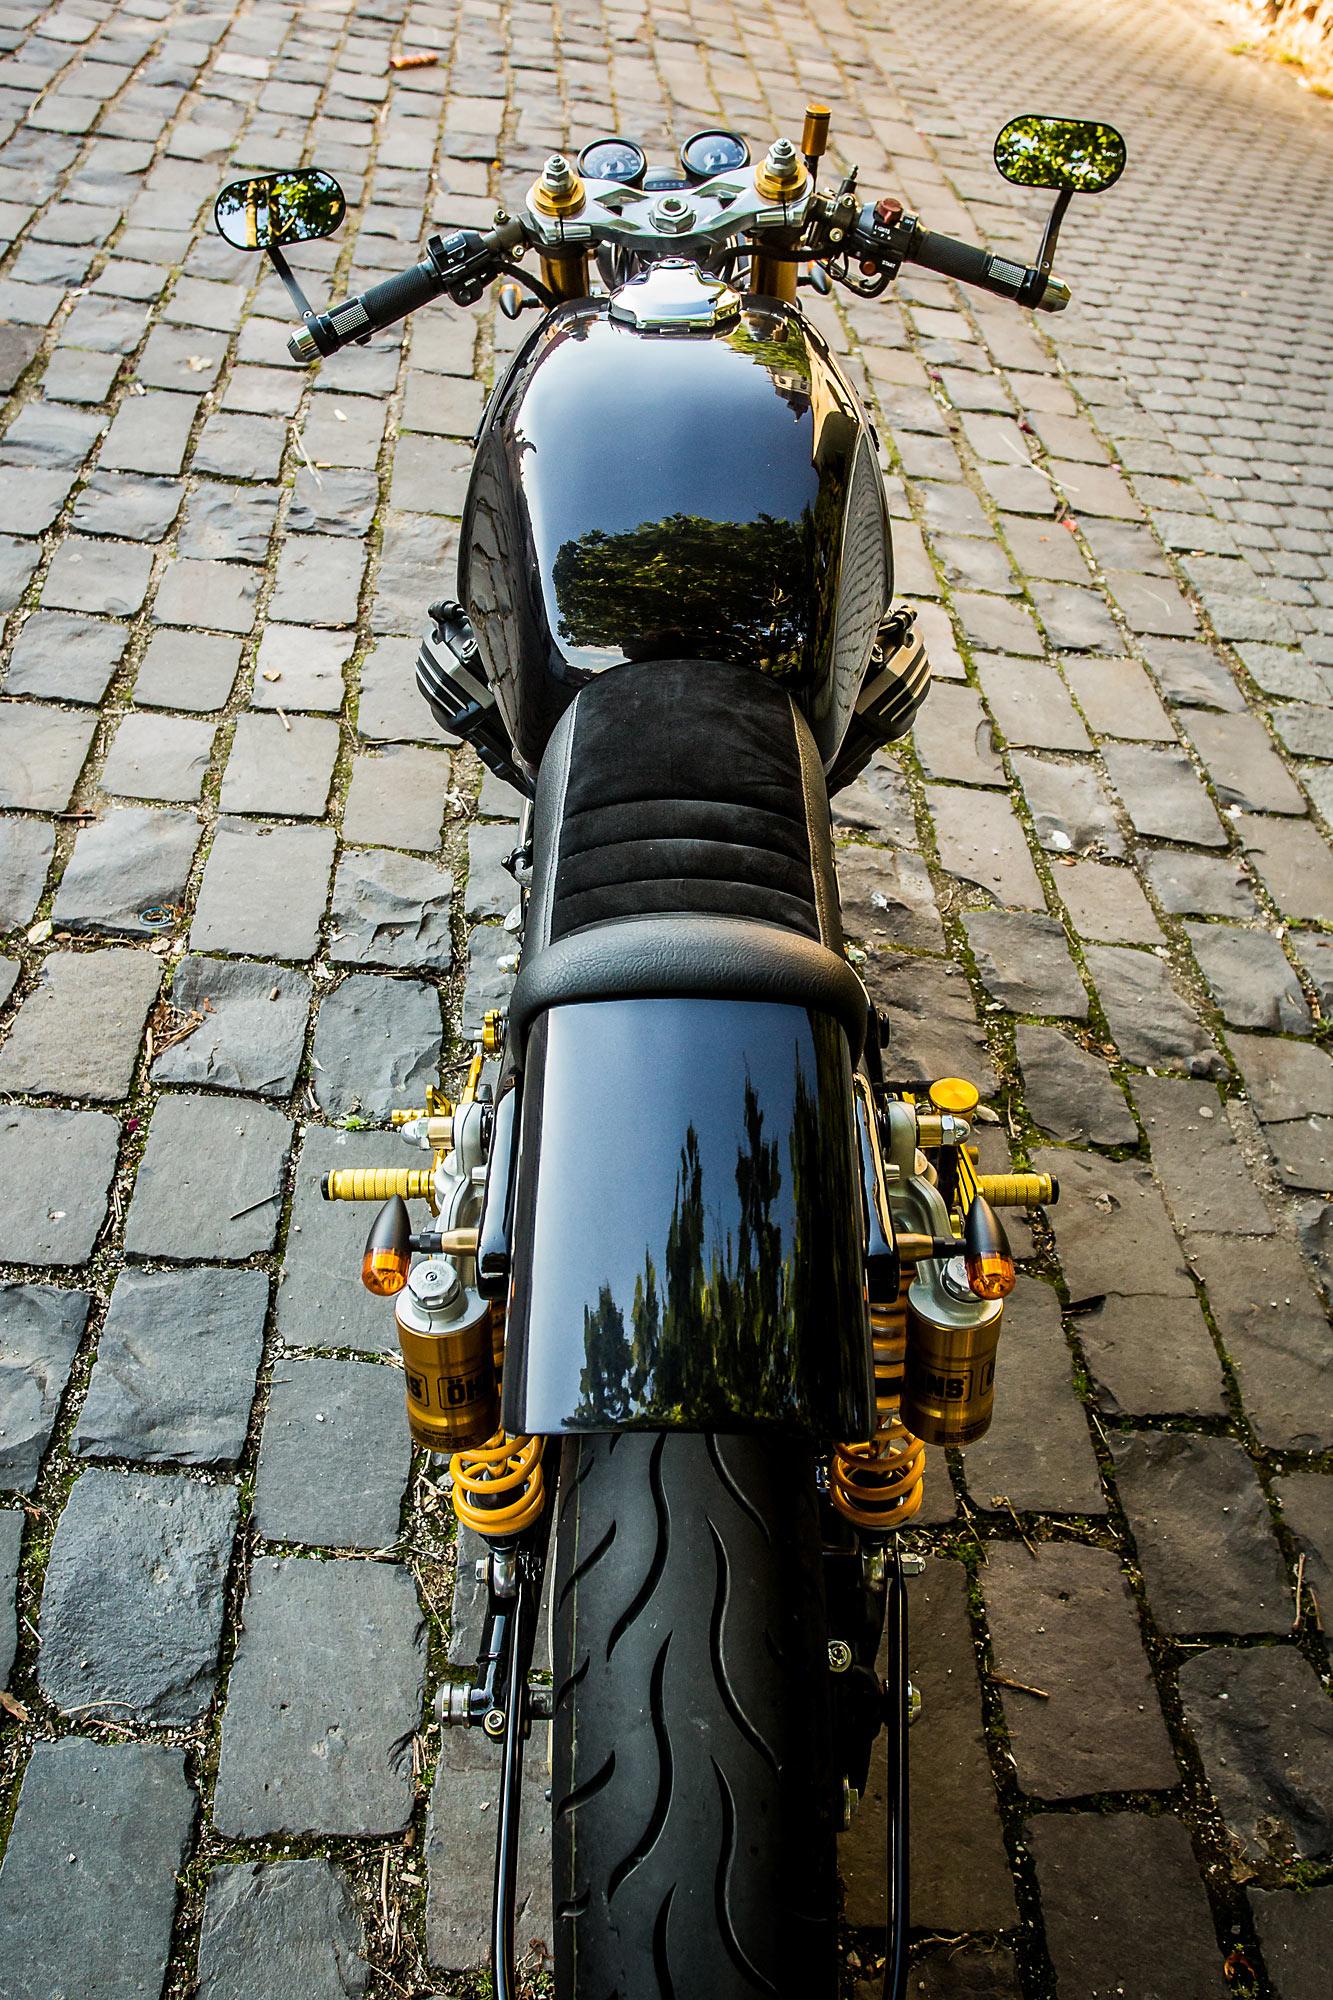 SLOVAKIAN PIE  Marek Bača's Immaculate '82 Honda CX500 Cafe Racer